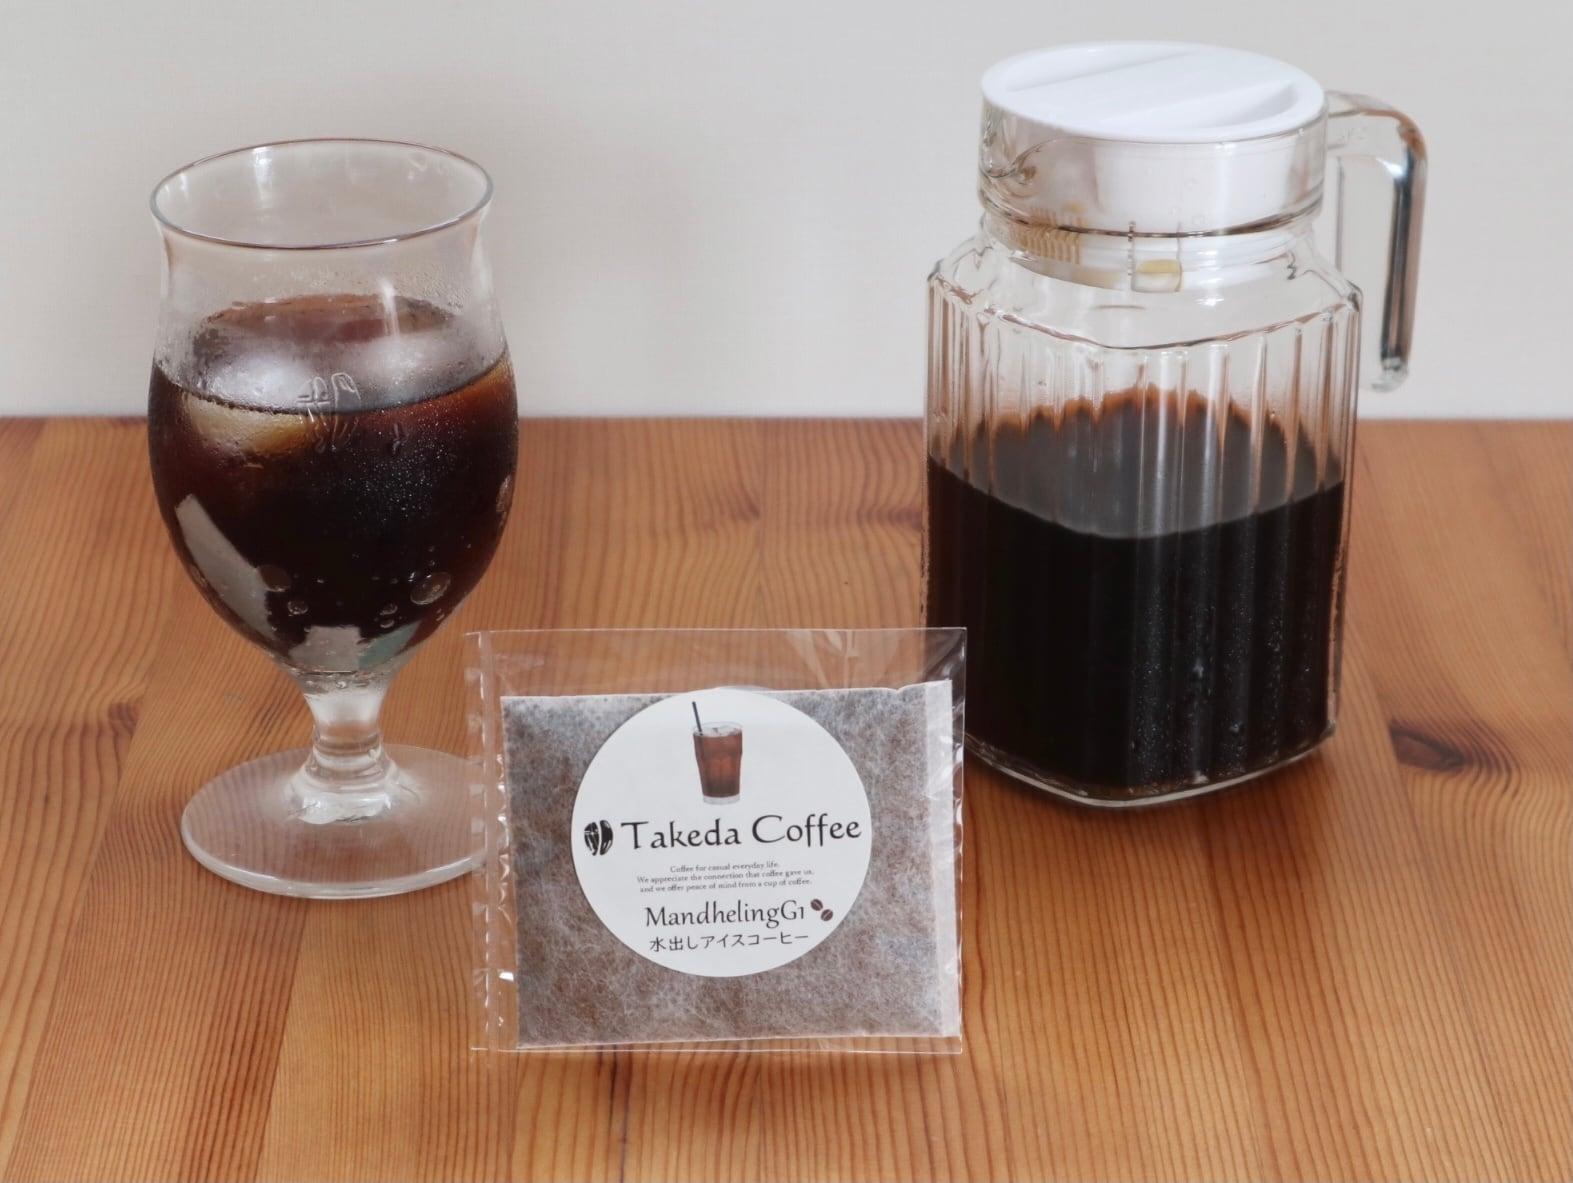 マンデリンG1 3パック 水出しコーヒータンブラー用ミニサイズ